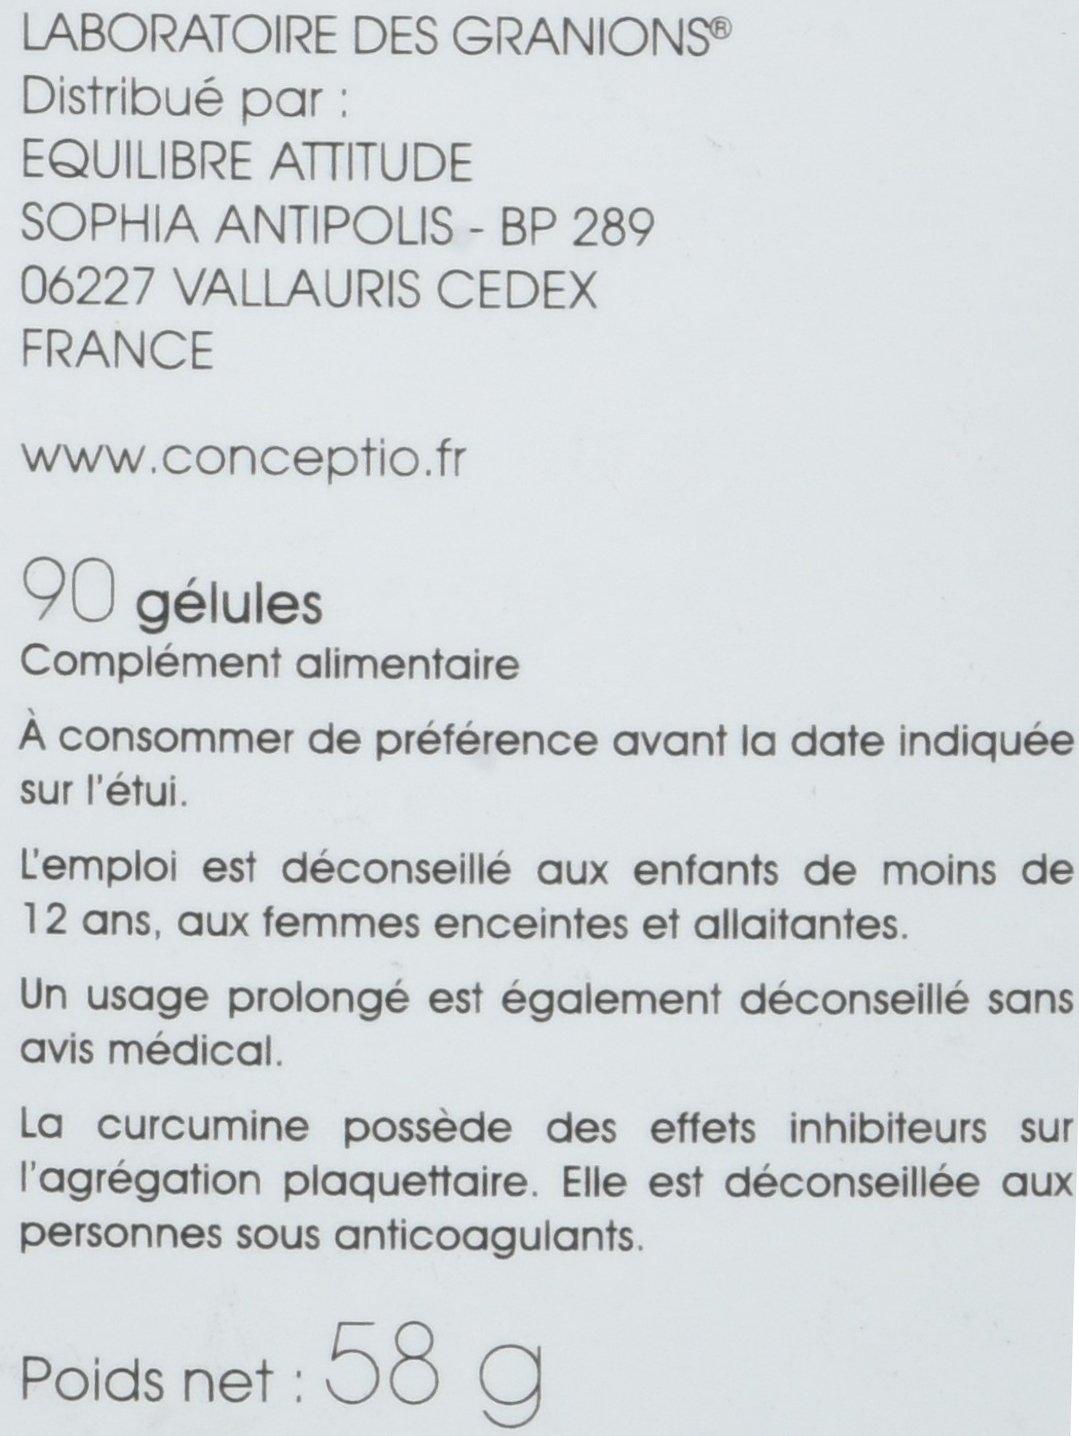 Granions Conceptio Endolib Multi Vitamine 90 Gélules